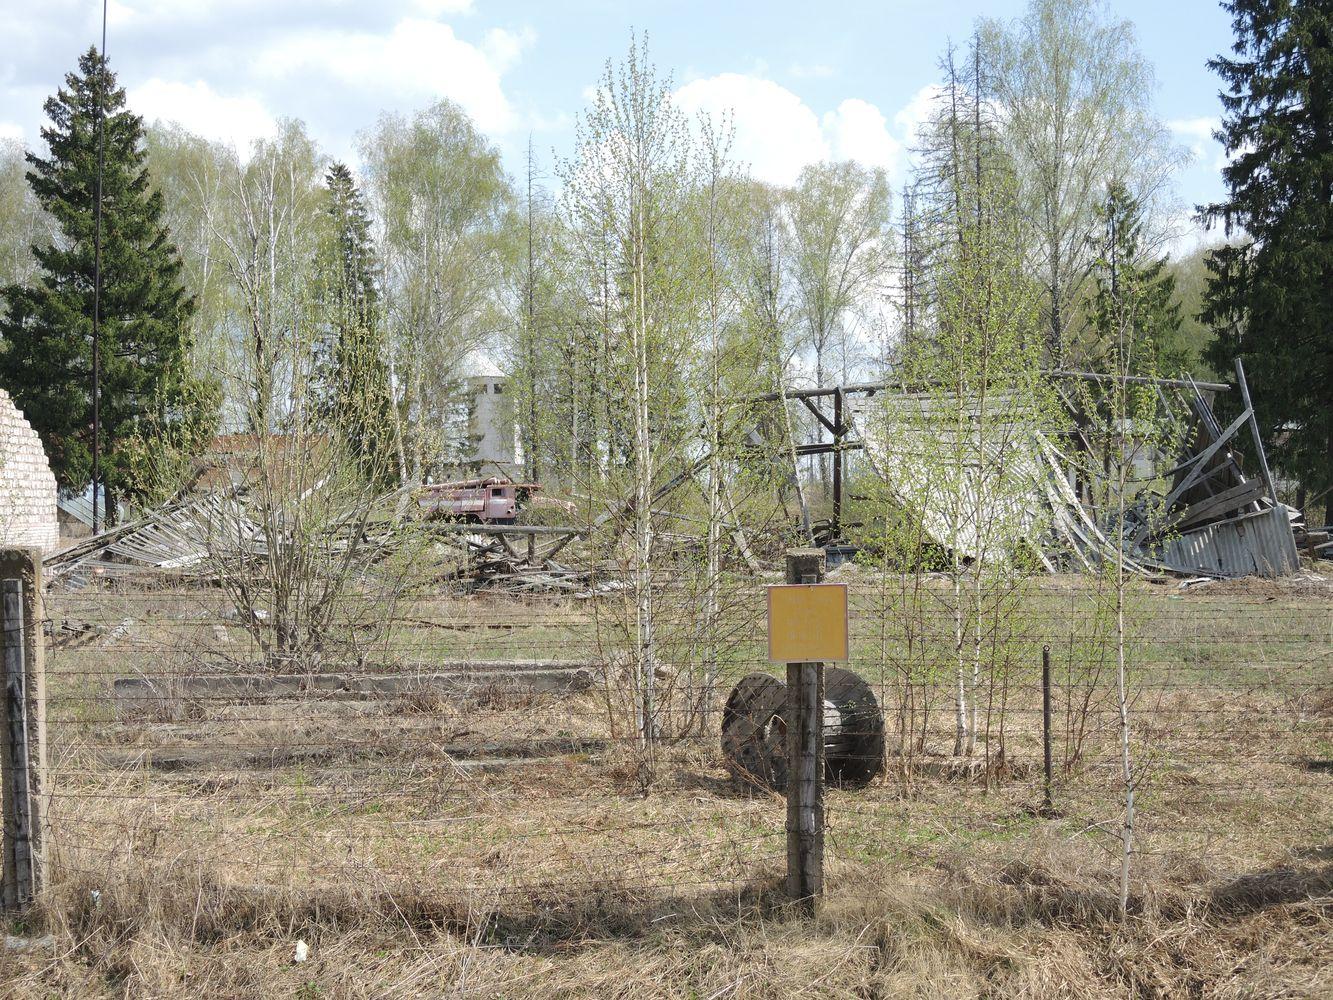 Территорию вокруг бывшего арсенала очистят от боеприпасов похоже не скоро. Фото ©День.org